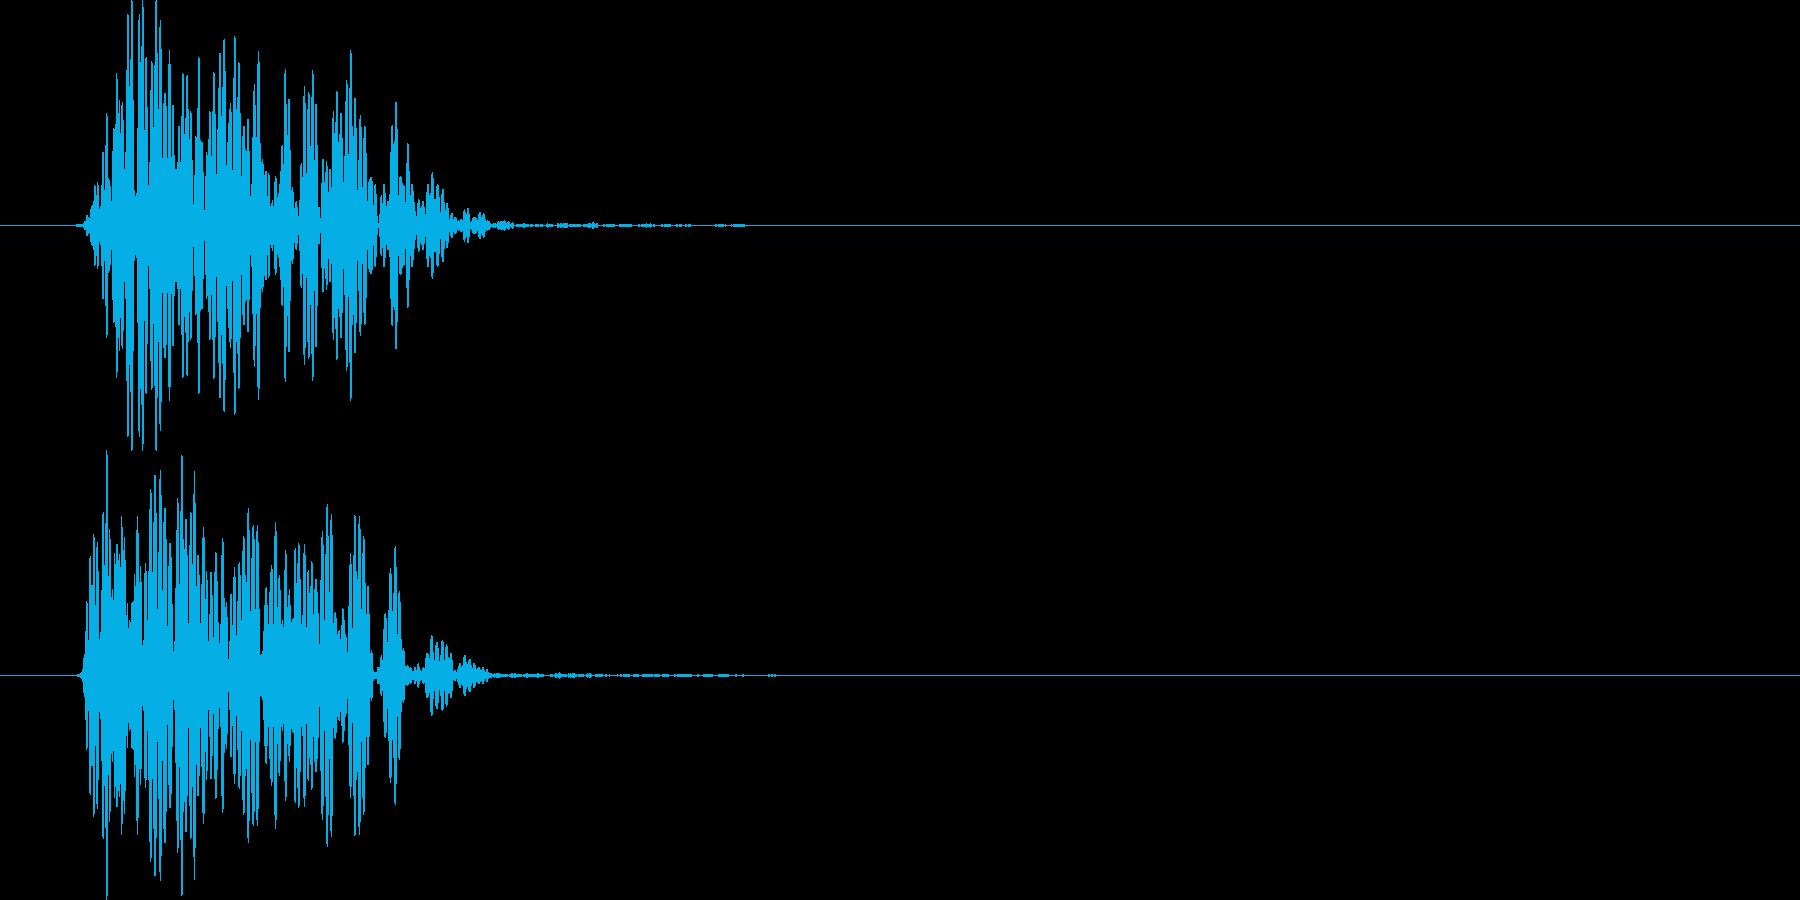 ヴォォォ(衝撃波)の再生済みの波形